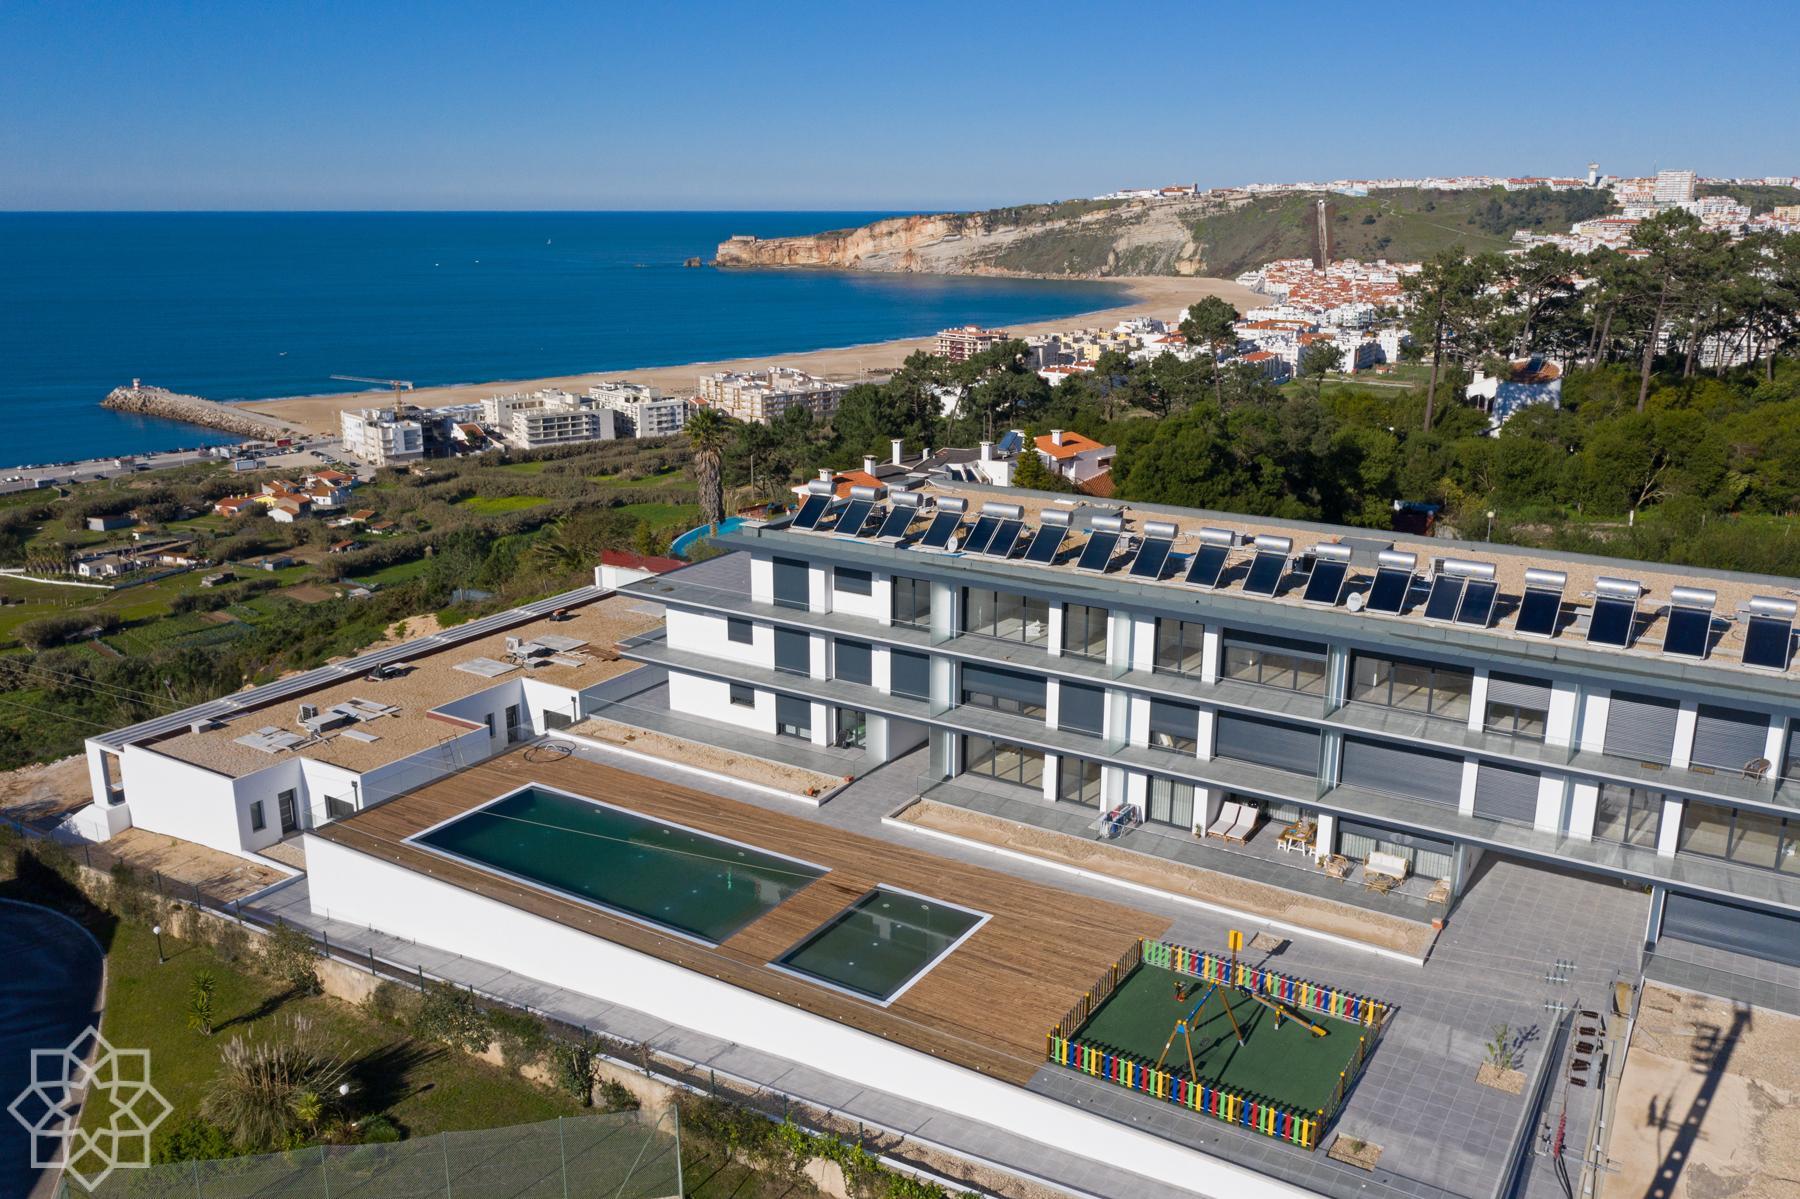 Hyra eller köpa i Portugal